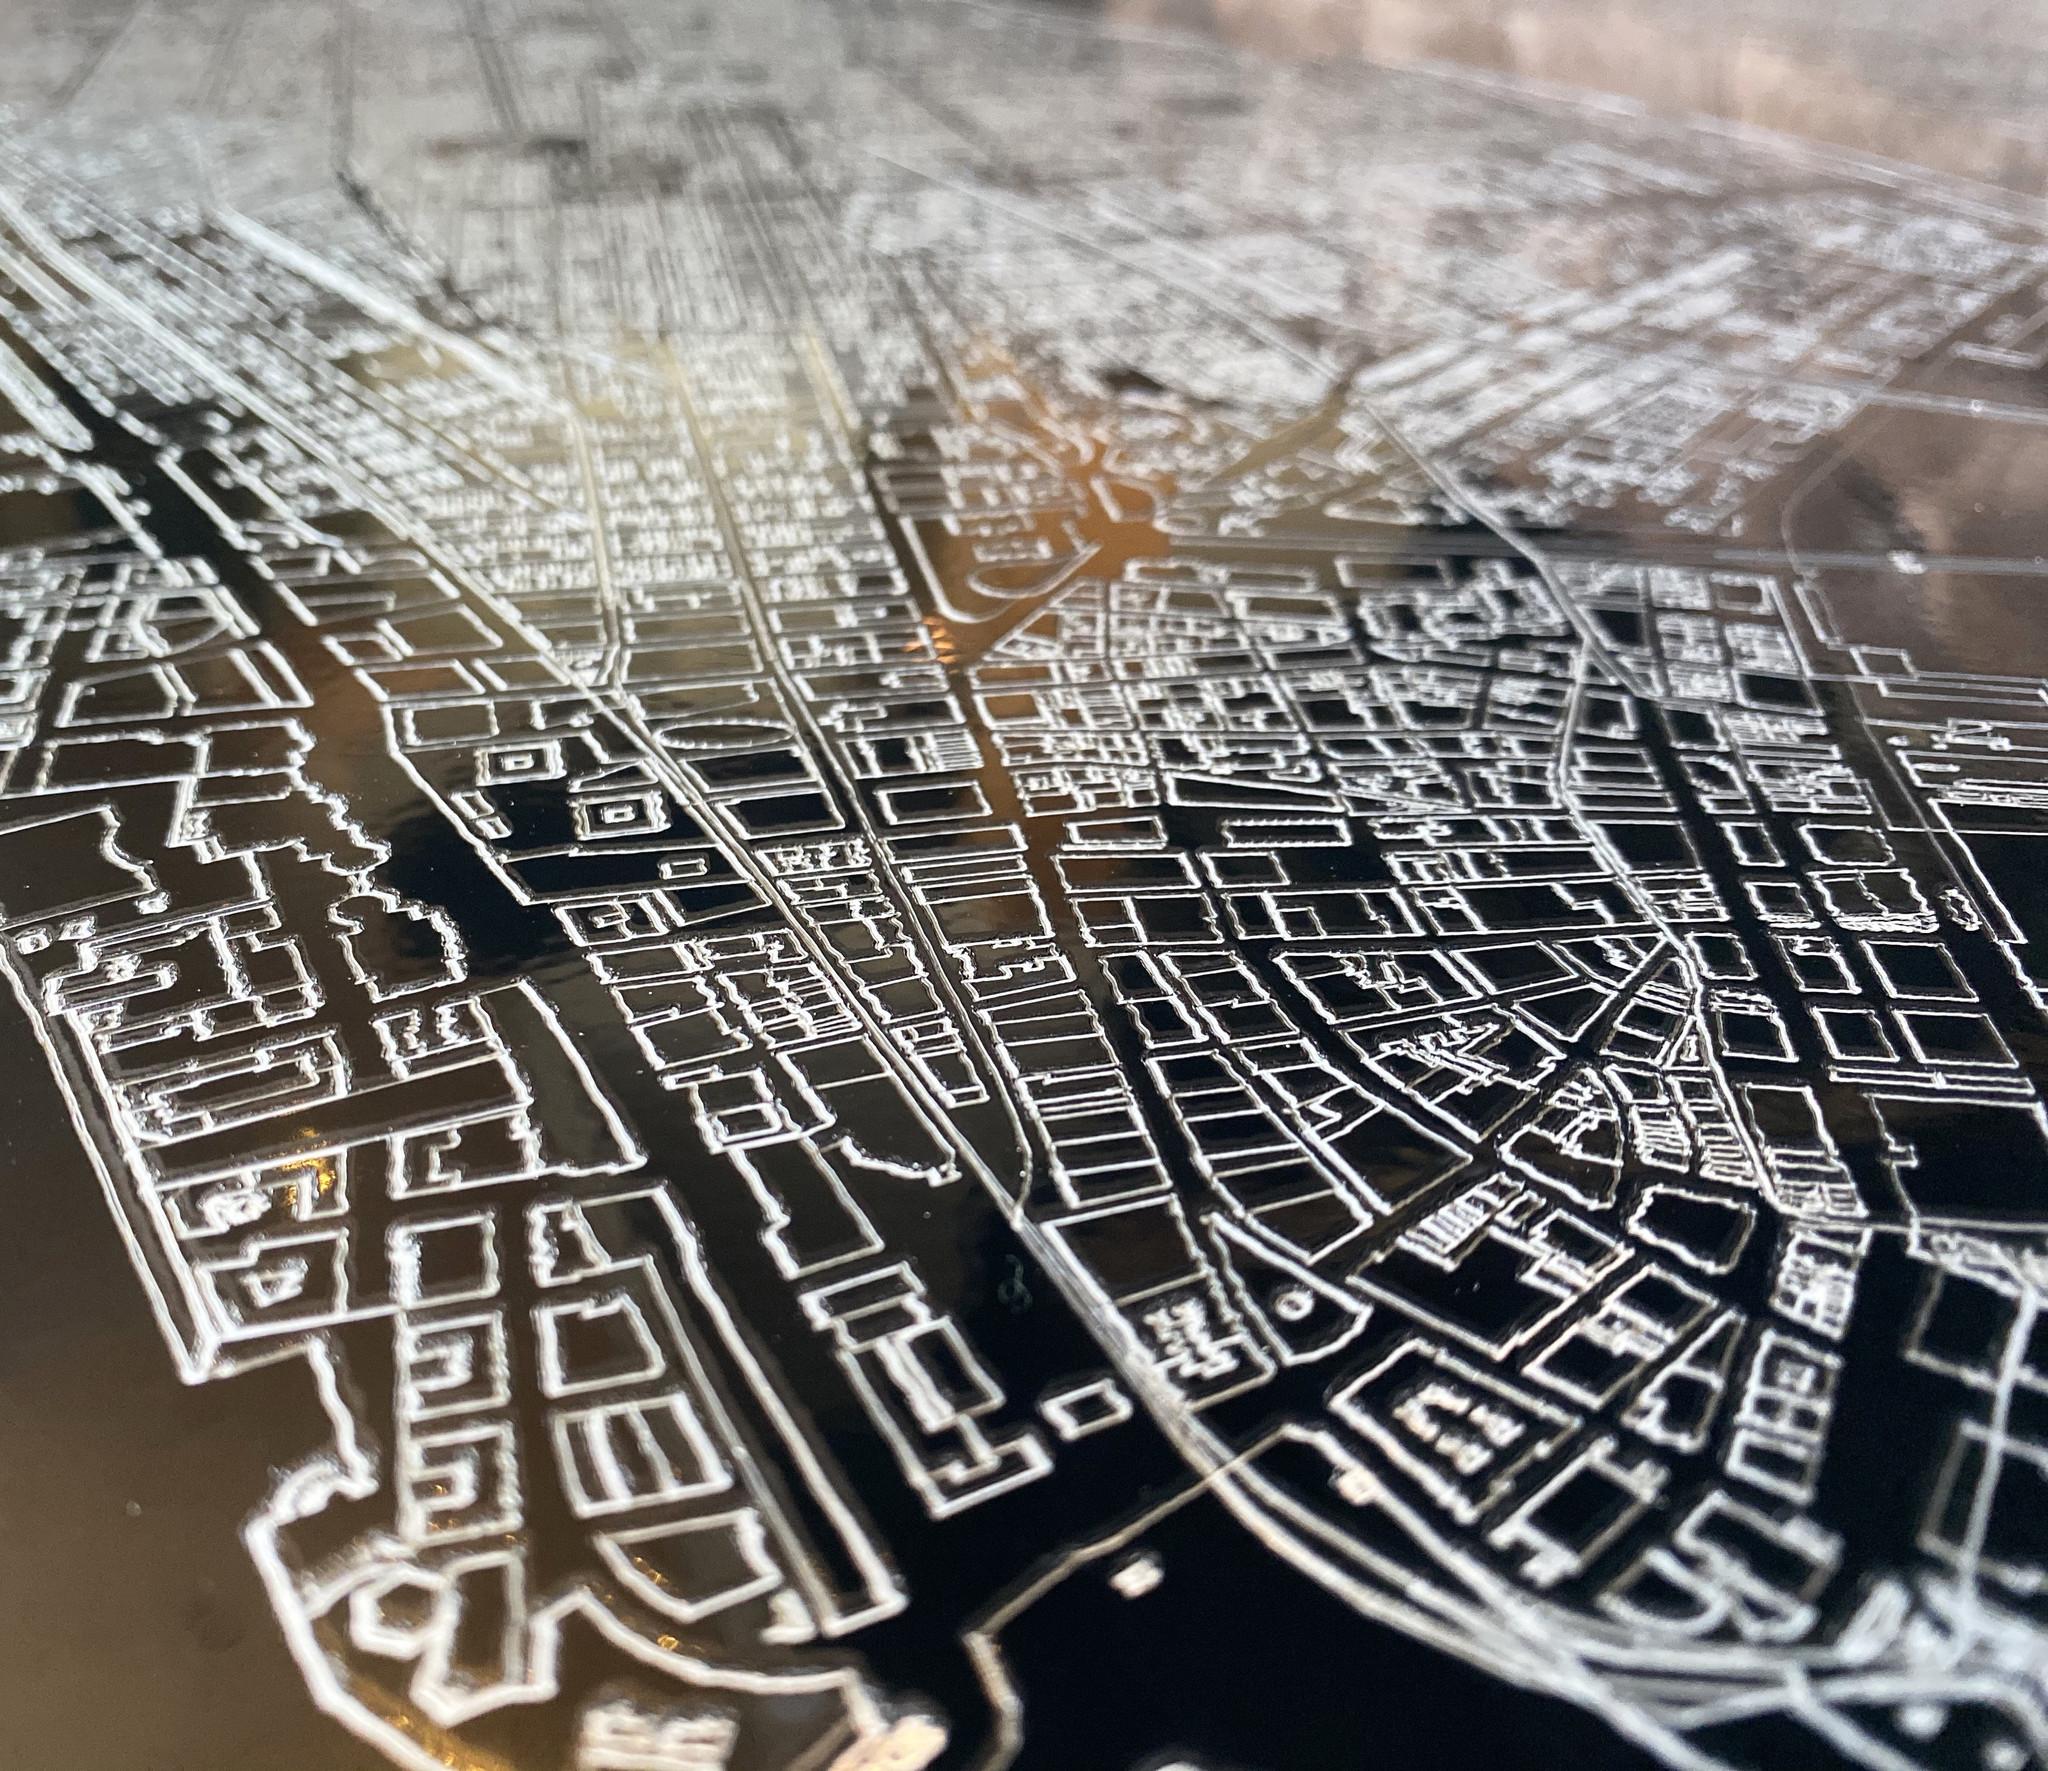 Stadtkarte Metal Zwolle-5